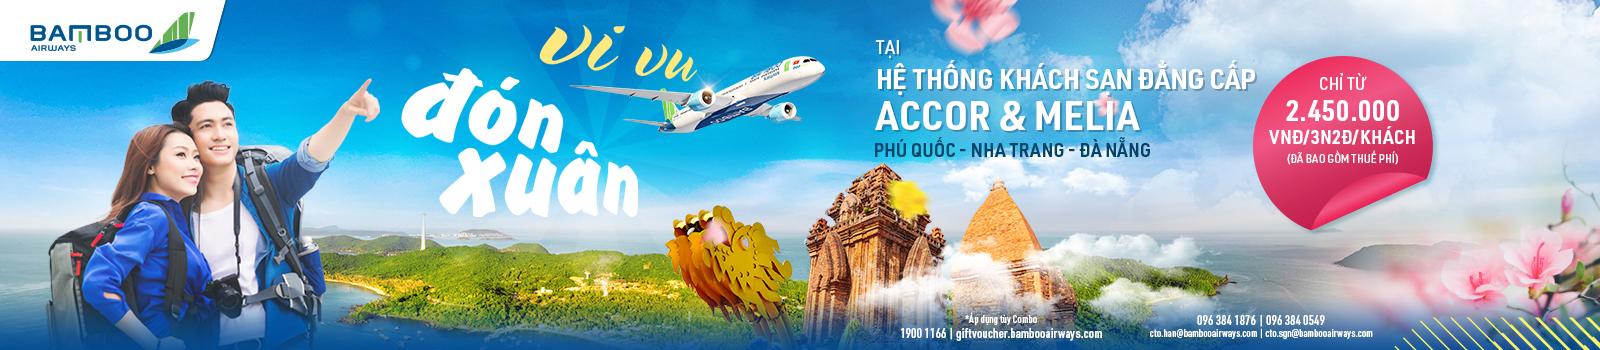 Nghỉ dưỡng Pullman Phu Quoc Beach Resort/ Movenpick Resort Waverly Phu Quoc – Khởi hành Hà Nội (trong tuần)